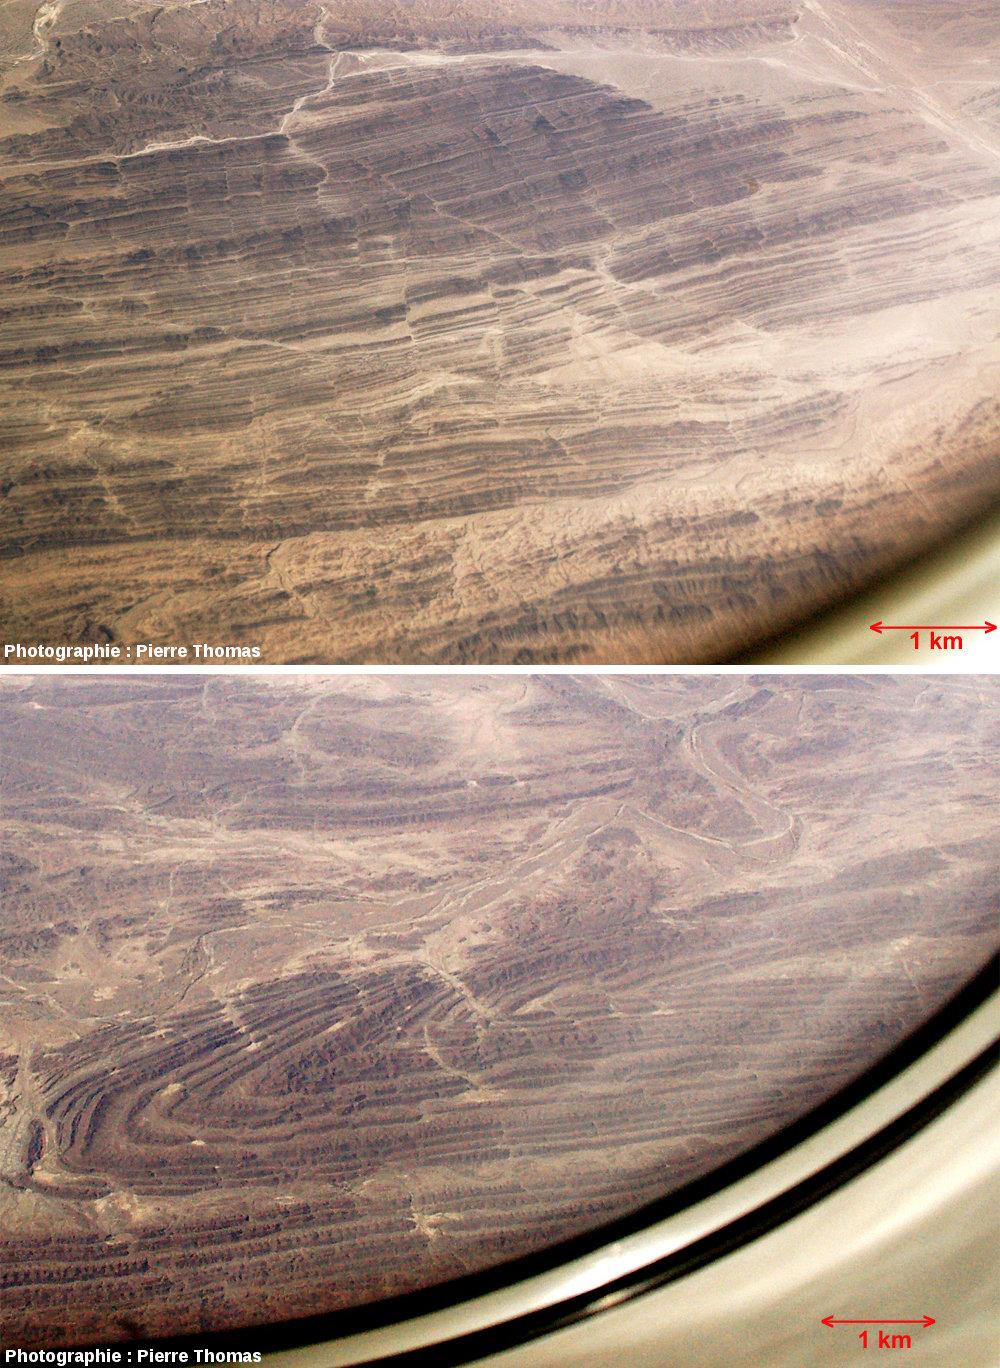 Vues sur la chaîne du Makran, Iran du Sud-Est / Pakistan du Sud-Ouest : deux vues prises par le hublot d'un avion de ligne à 10000 m d'altitude